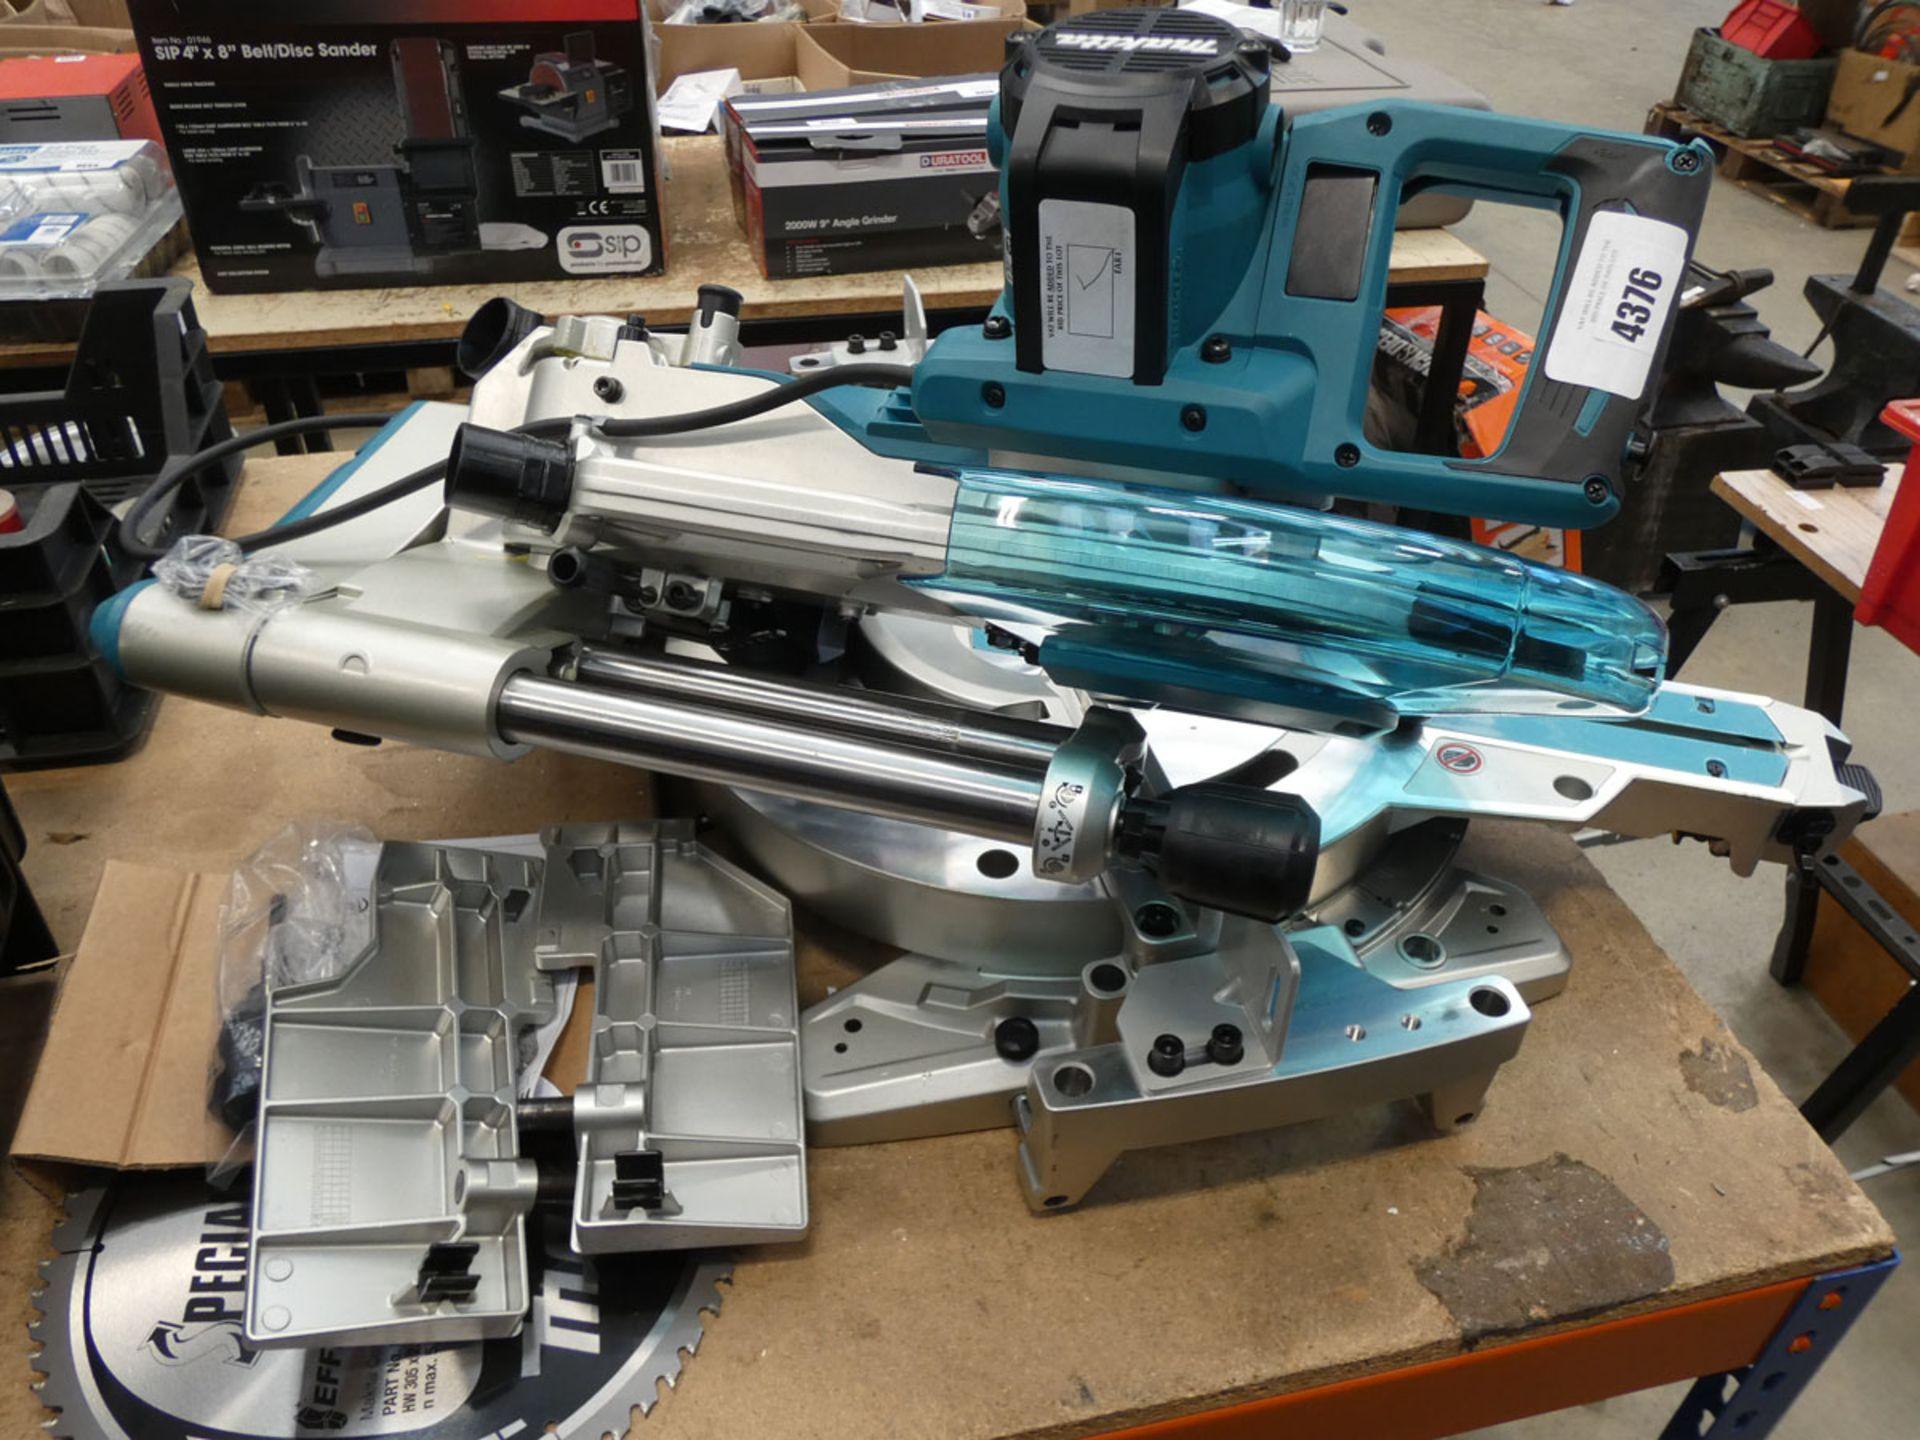 Makita DPX chop saw in 4 parts Broken handle and wires showing. Broken tilting mechanism